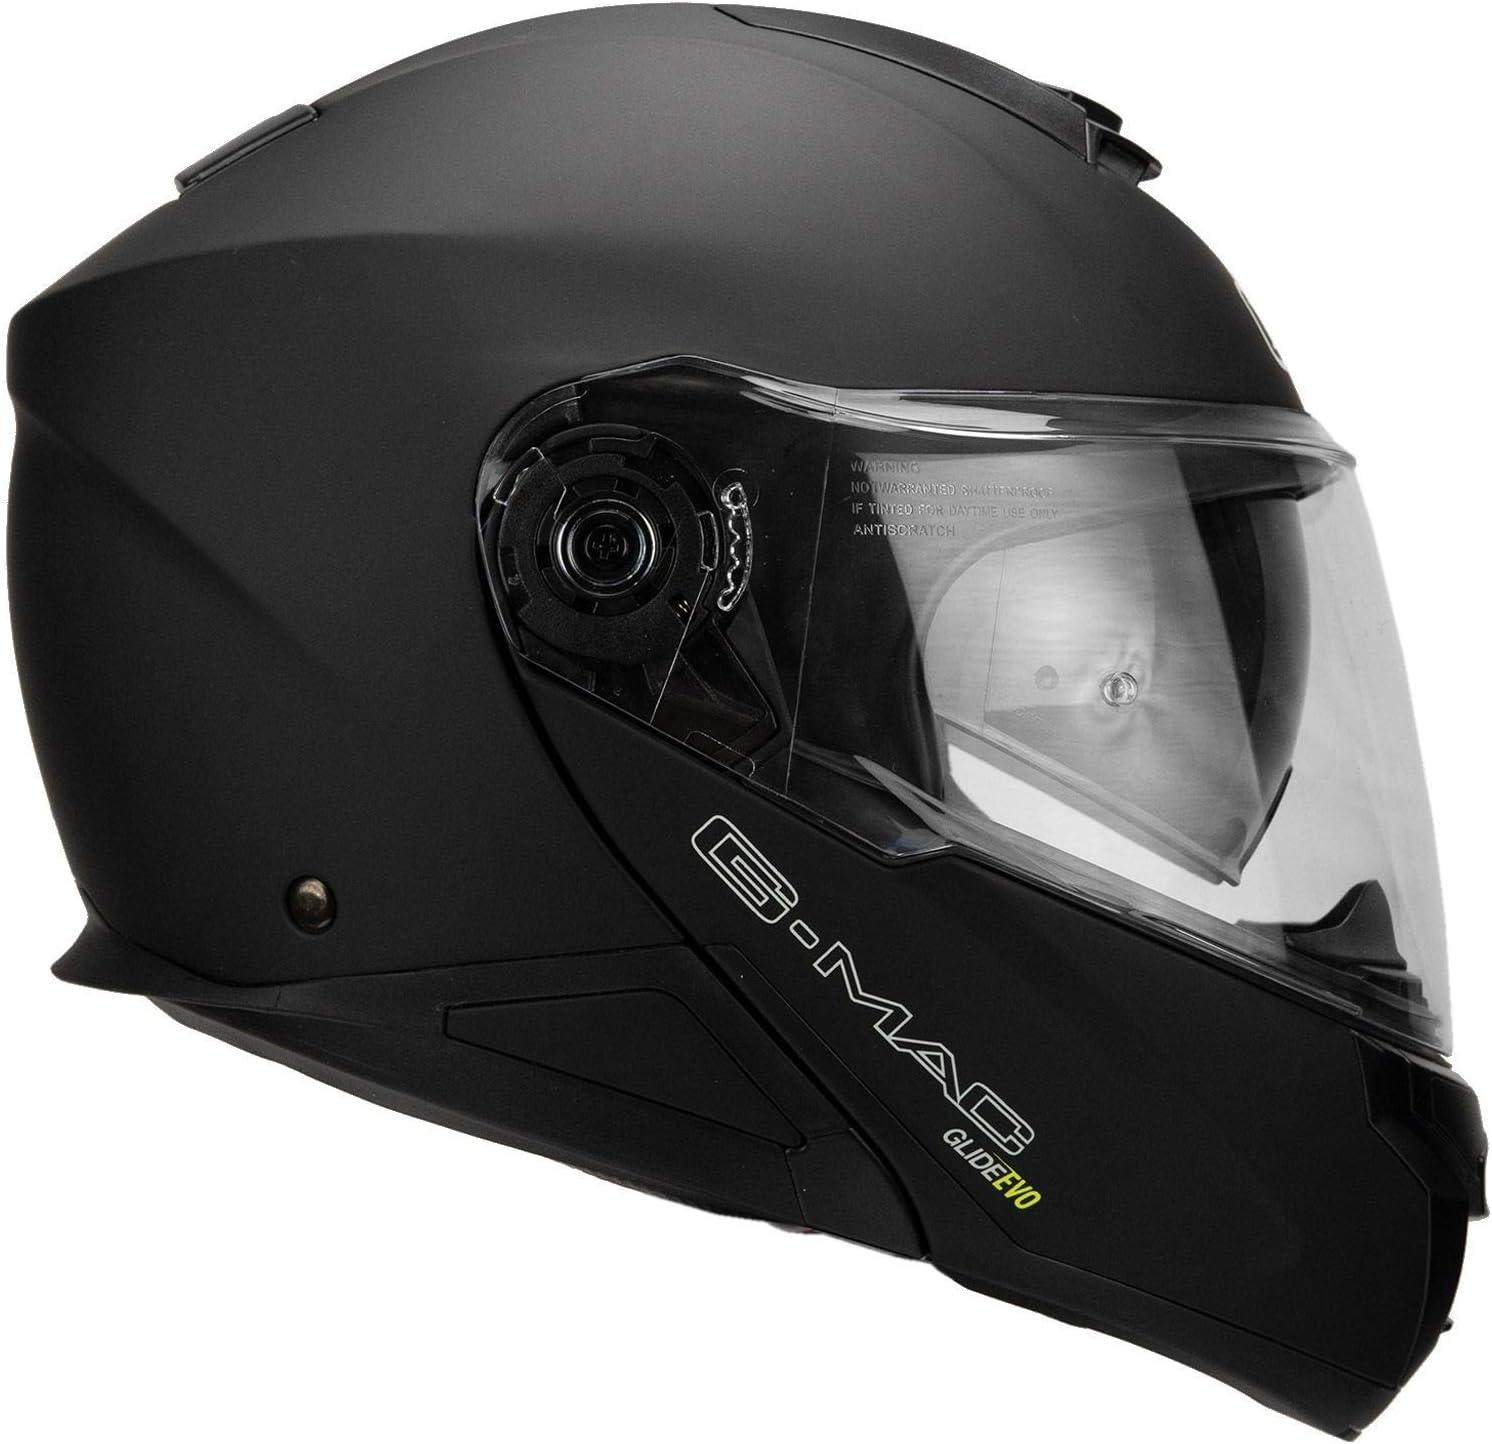 G-Mac Glide Evo Casco de moto con tapa frontal color negro satinado